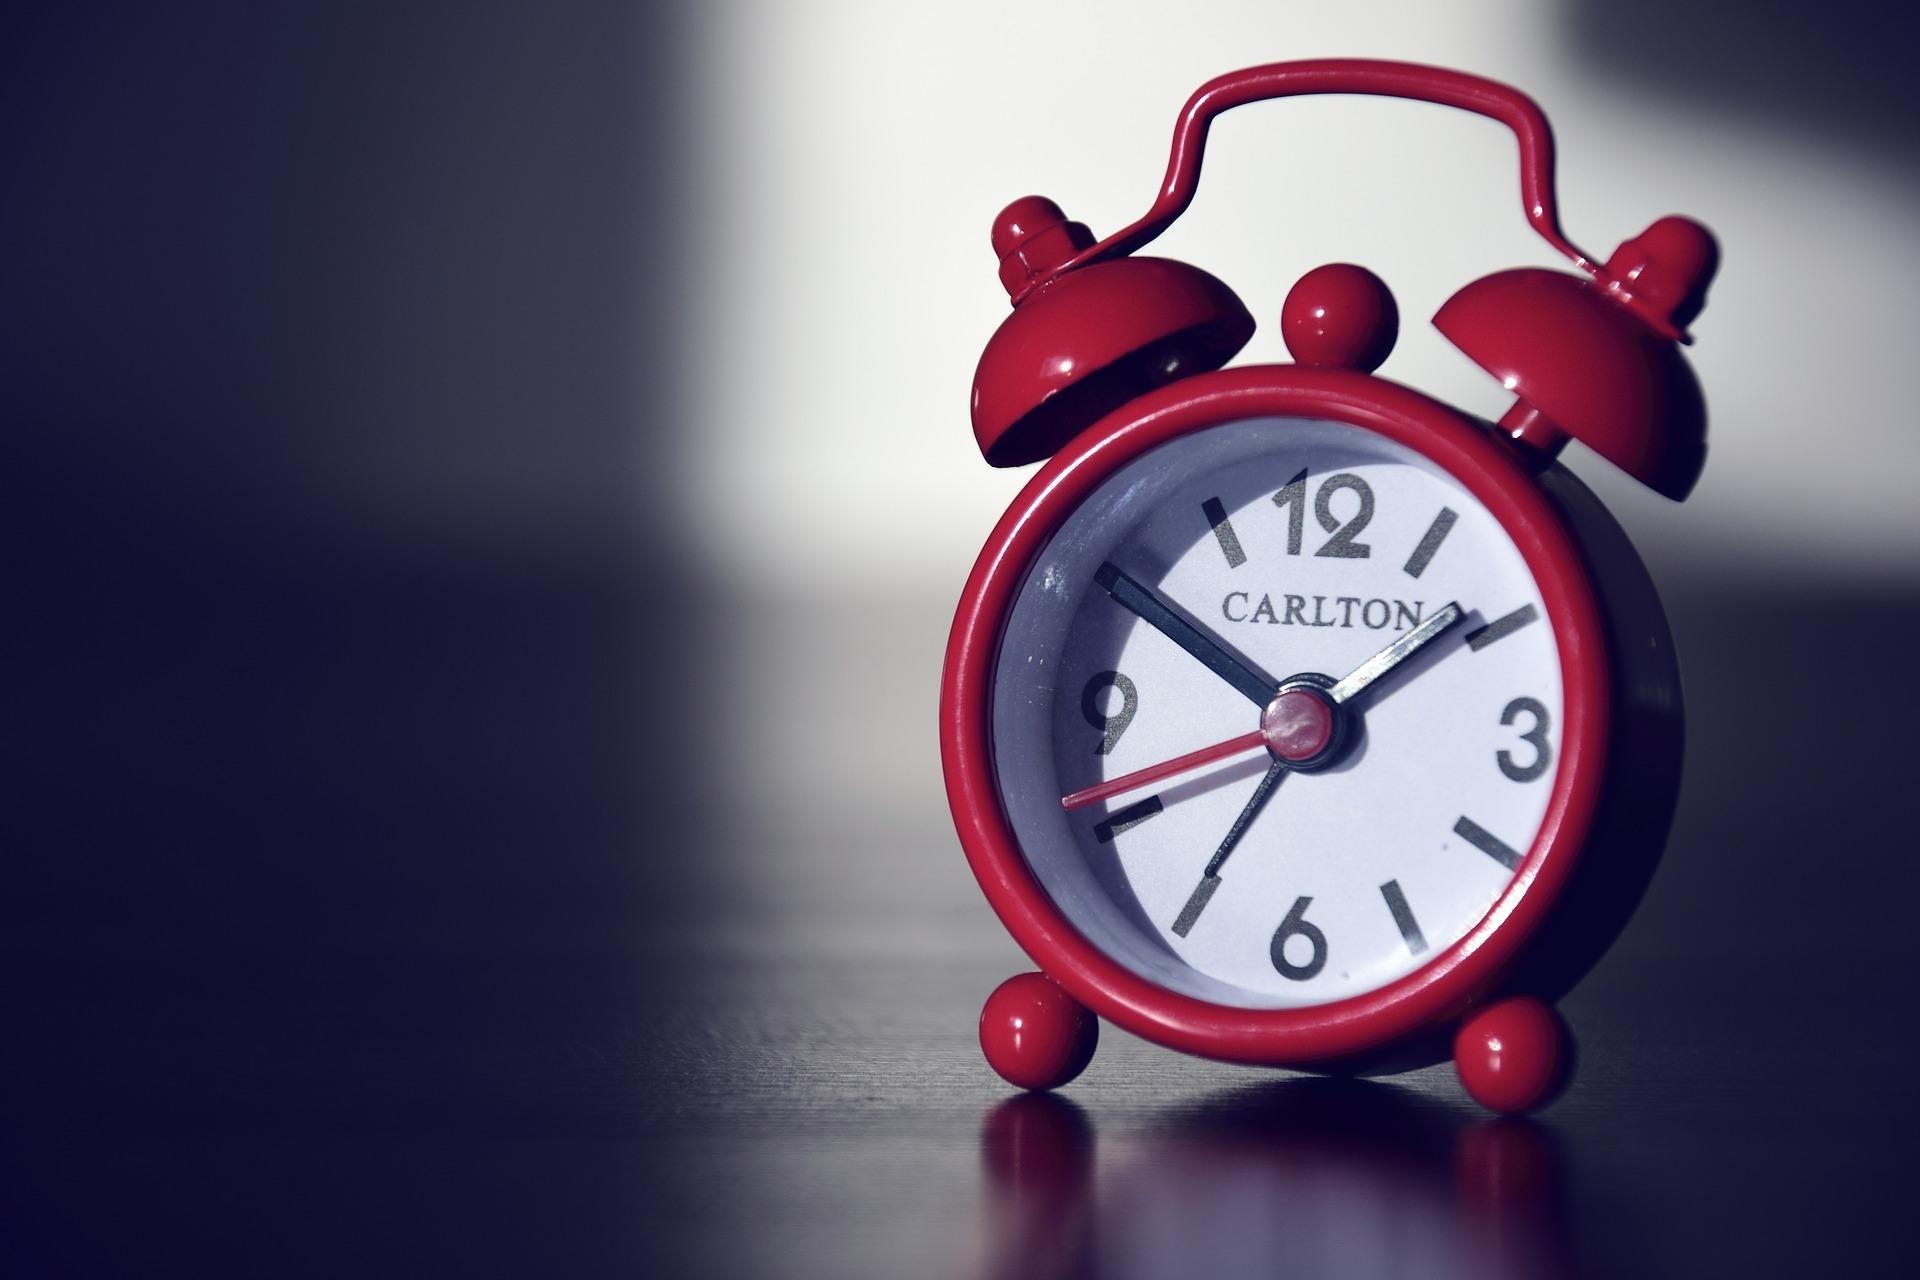 alarm-clock-590383_1920-1505922064550-1505922068298.jpg